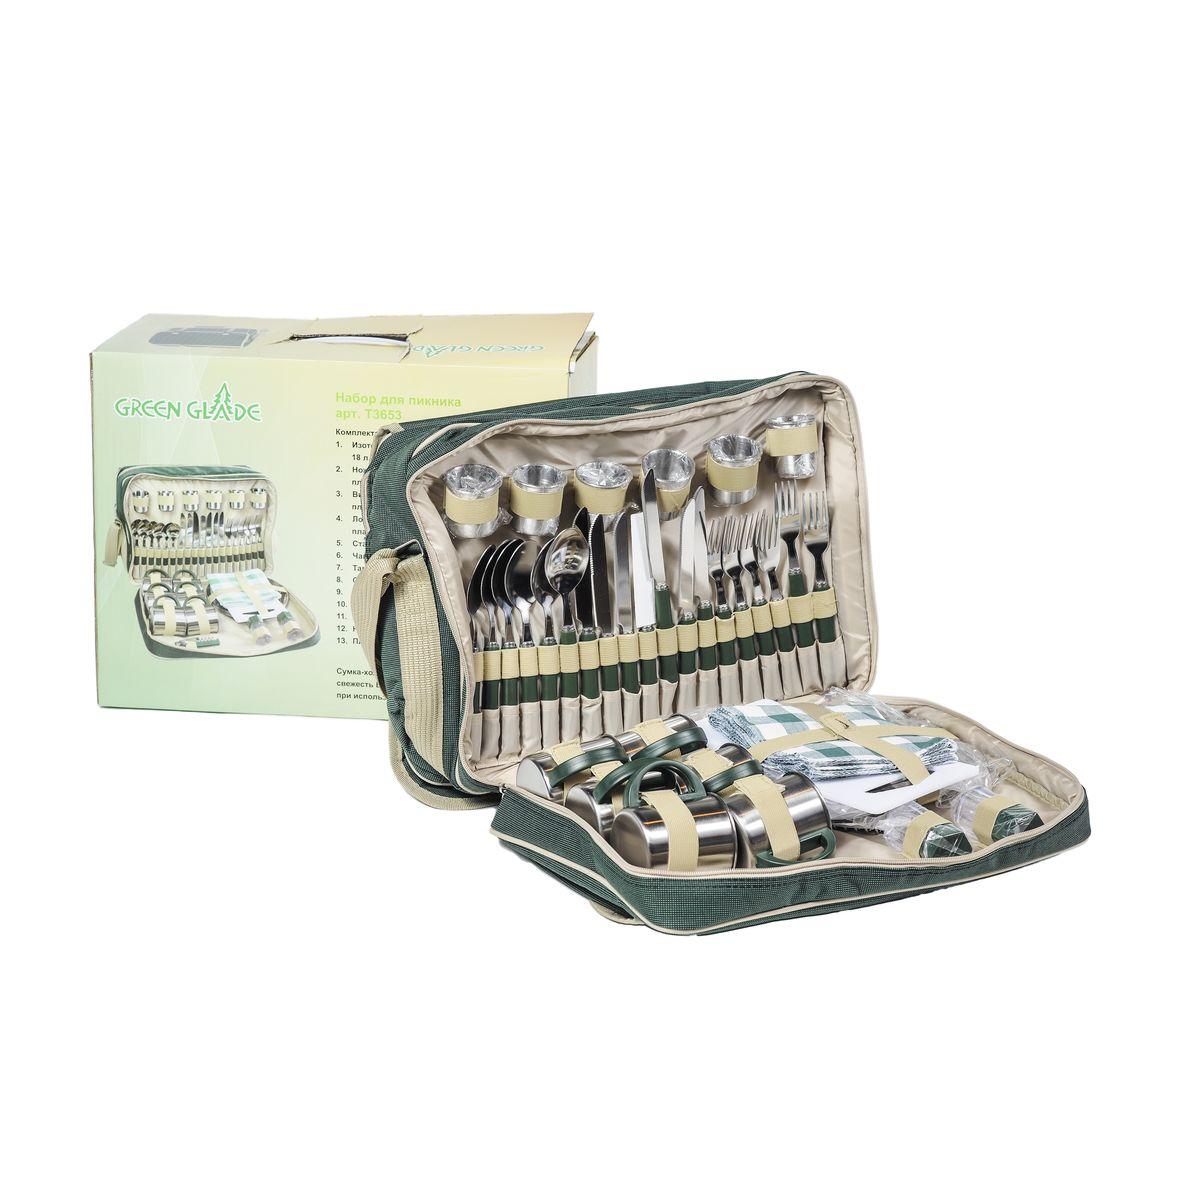 Набор для пикника Green Glade, 48 предметовT3653В набор входит: Изометрическая сумка-холодильник, 18 л. 6 ножей. 6 вилок. 6 ложек. 6 стаканов. 6 чашек. 6 тарелок. 6 салфеток. Солонка. Перечница. Складной нож со штопором. Нож для сыра/масла. Пластиковая разделочная доска. Столовые приборы и кружки изготовлены из полированной нержавеющей стали с пластиковыми ручками. Салфетки выполнены из хлопка с принтом в клетку. Солонка и перечница - из прозрачного пластика. Все приборы компактно помещаются в специальную сумку из полиэстера, сумка закрывается на застежку-молнию. Сумка может хранить свежесть продуктов до 12 часов при использовании с хладогентом. Длина вилки/ложки: 18,5 см. Длина ножа: 21 см. Диаметр кружки (по верхнему краю): 7,5 см. Высота кружки: 8 см. Диаметр стакана (по верхнему краю): 4,8 см. Высота стакана: 5,1 см. Размер разделочной доски: 24,5 см х 14,5 см. Размер салфетки: 31 см х 31 см. Размер...